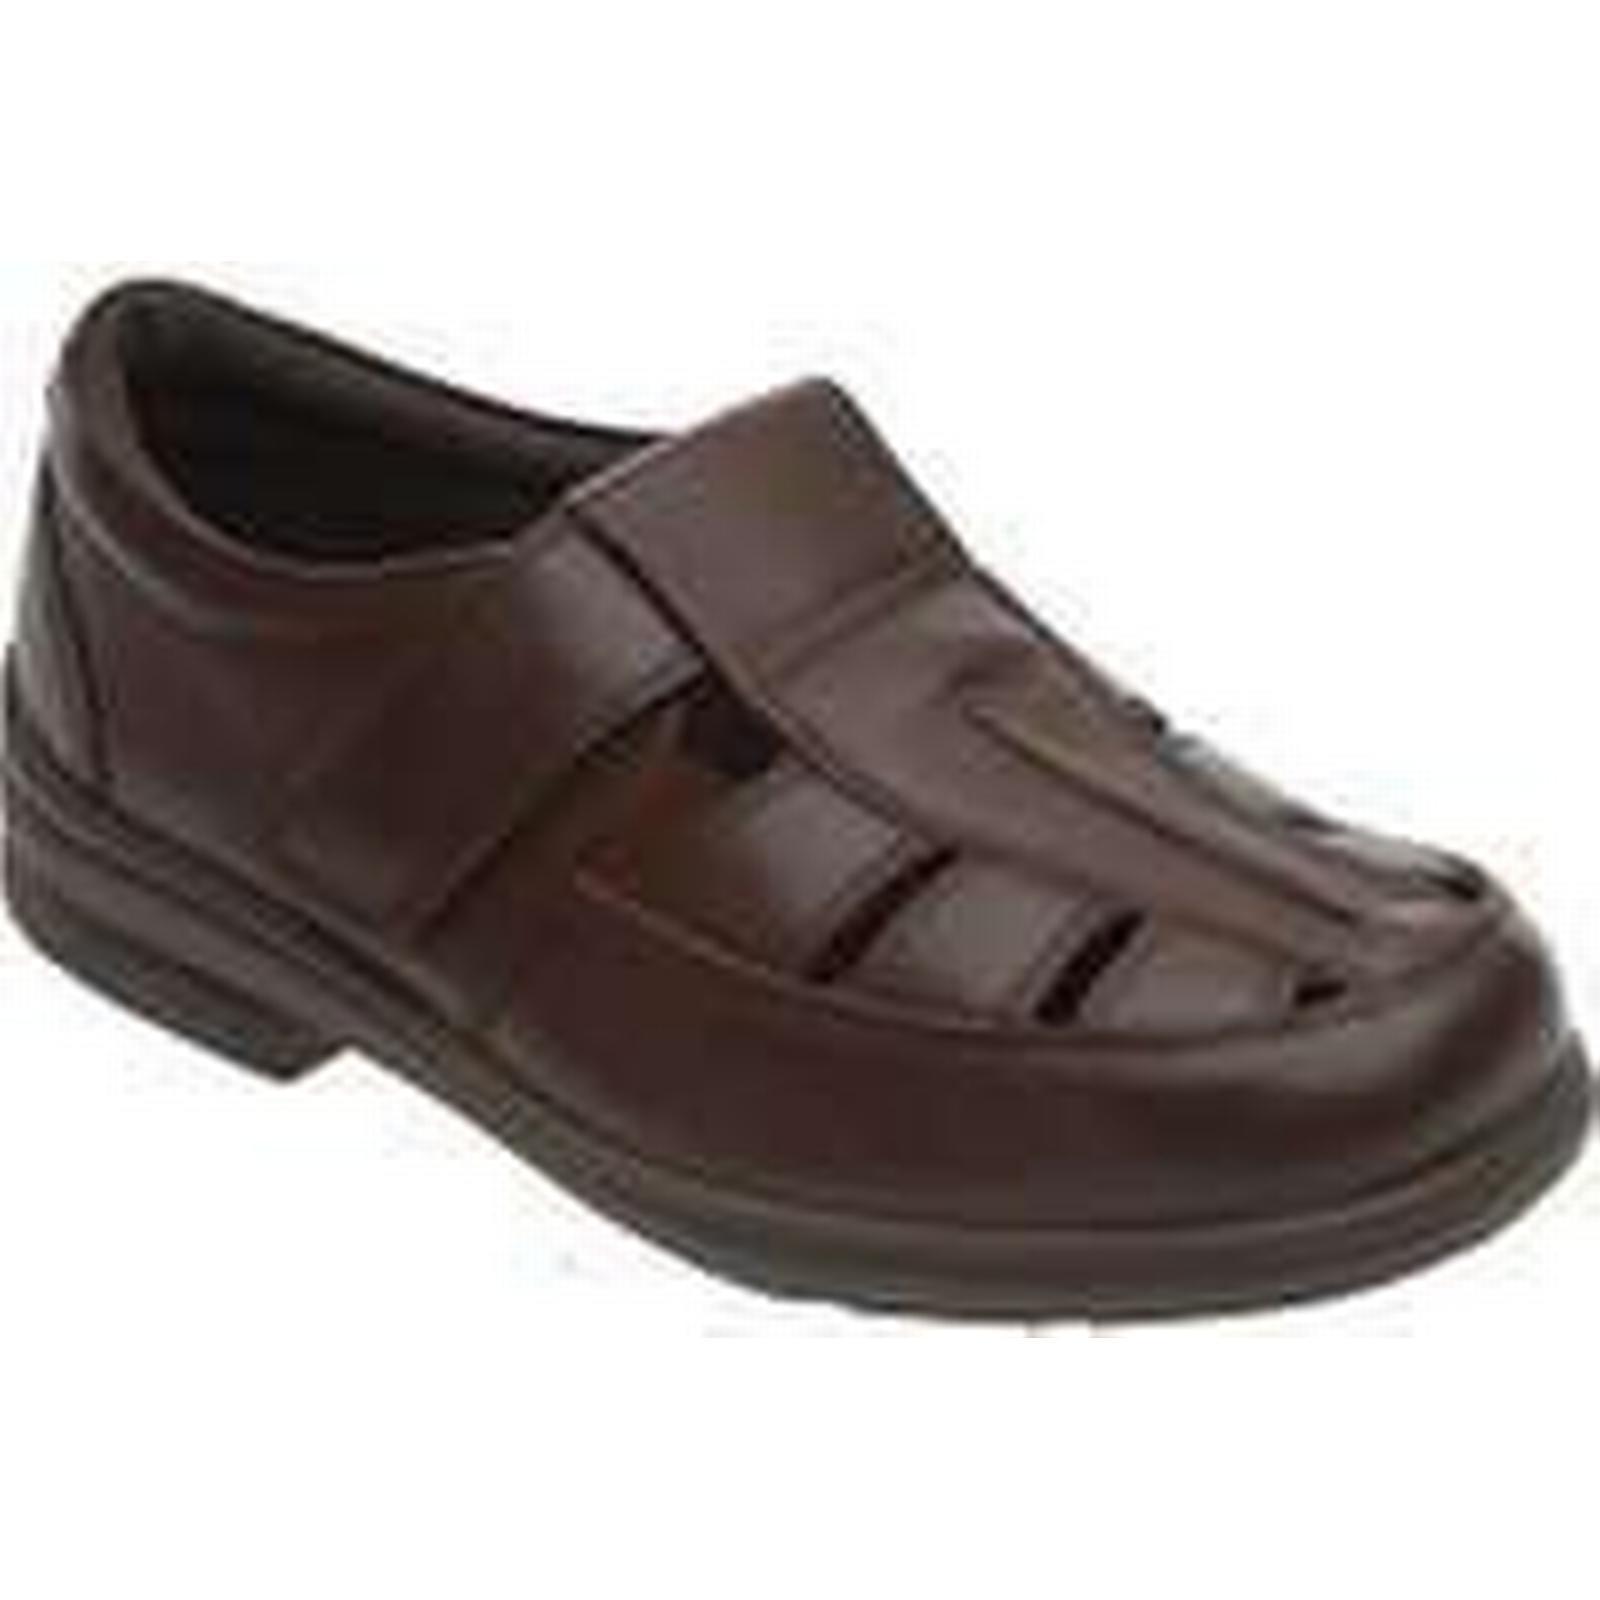 hommes / femmes - cosyfeet acheter finlay sandale - big ausver acheter cosyfeet 8d987a